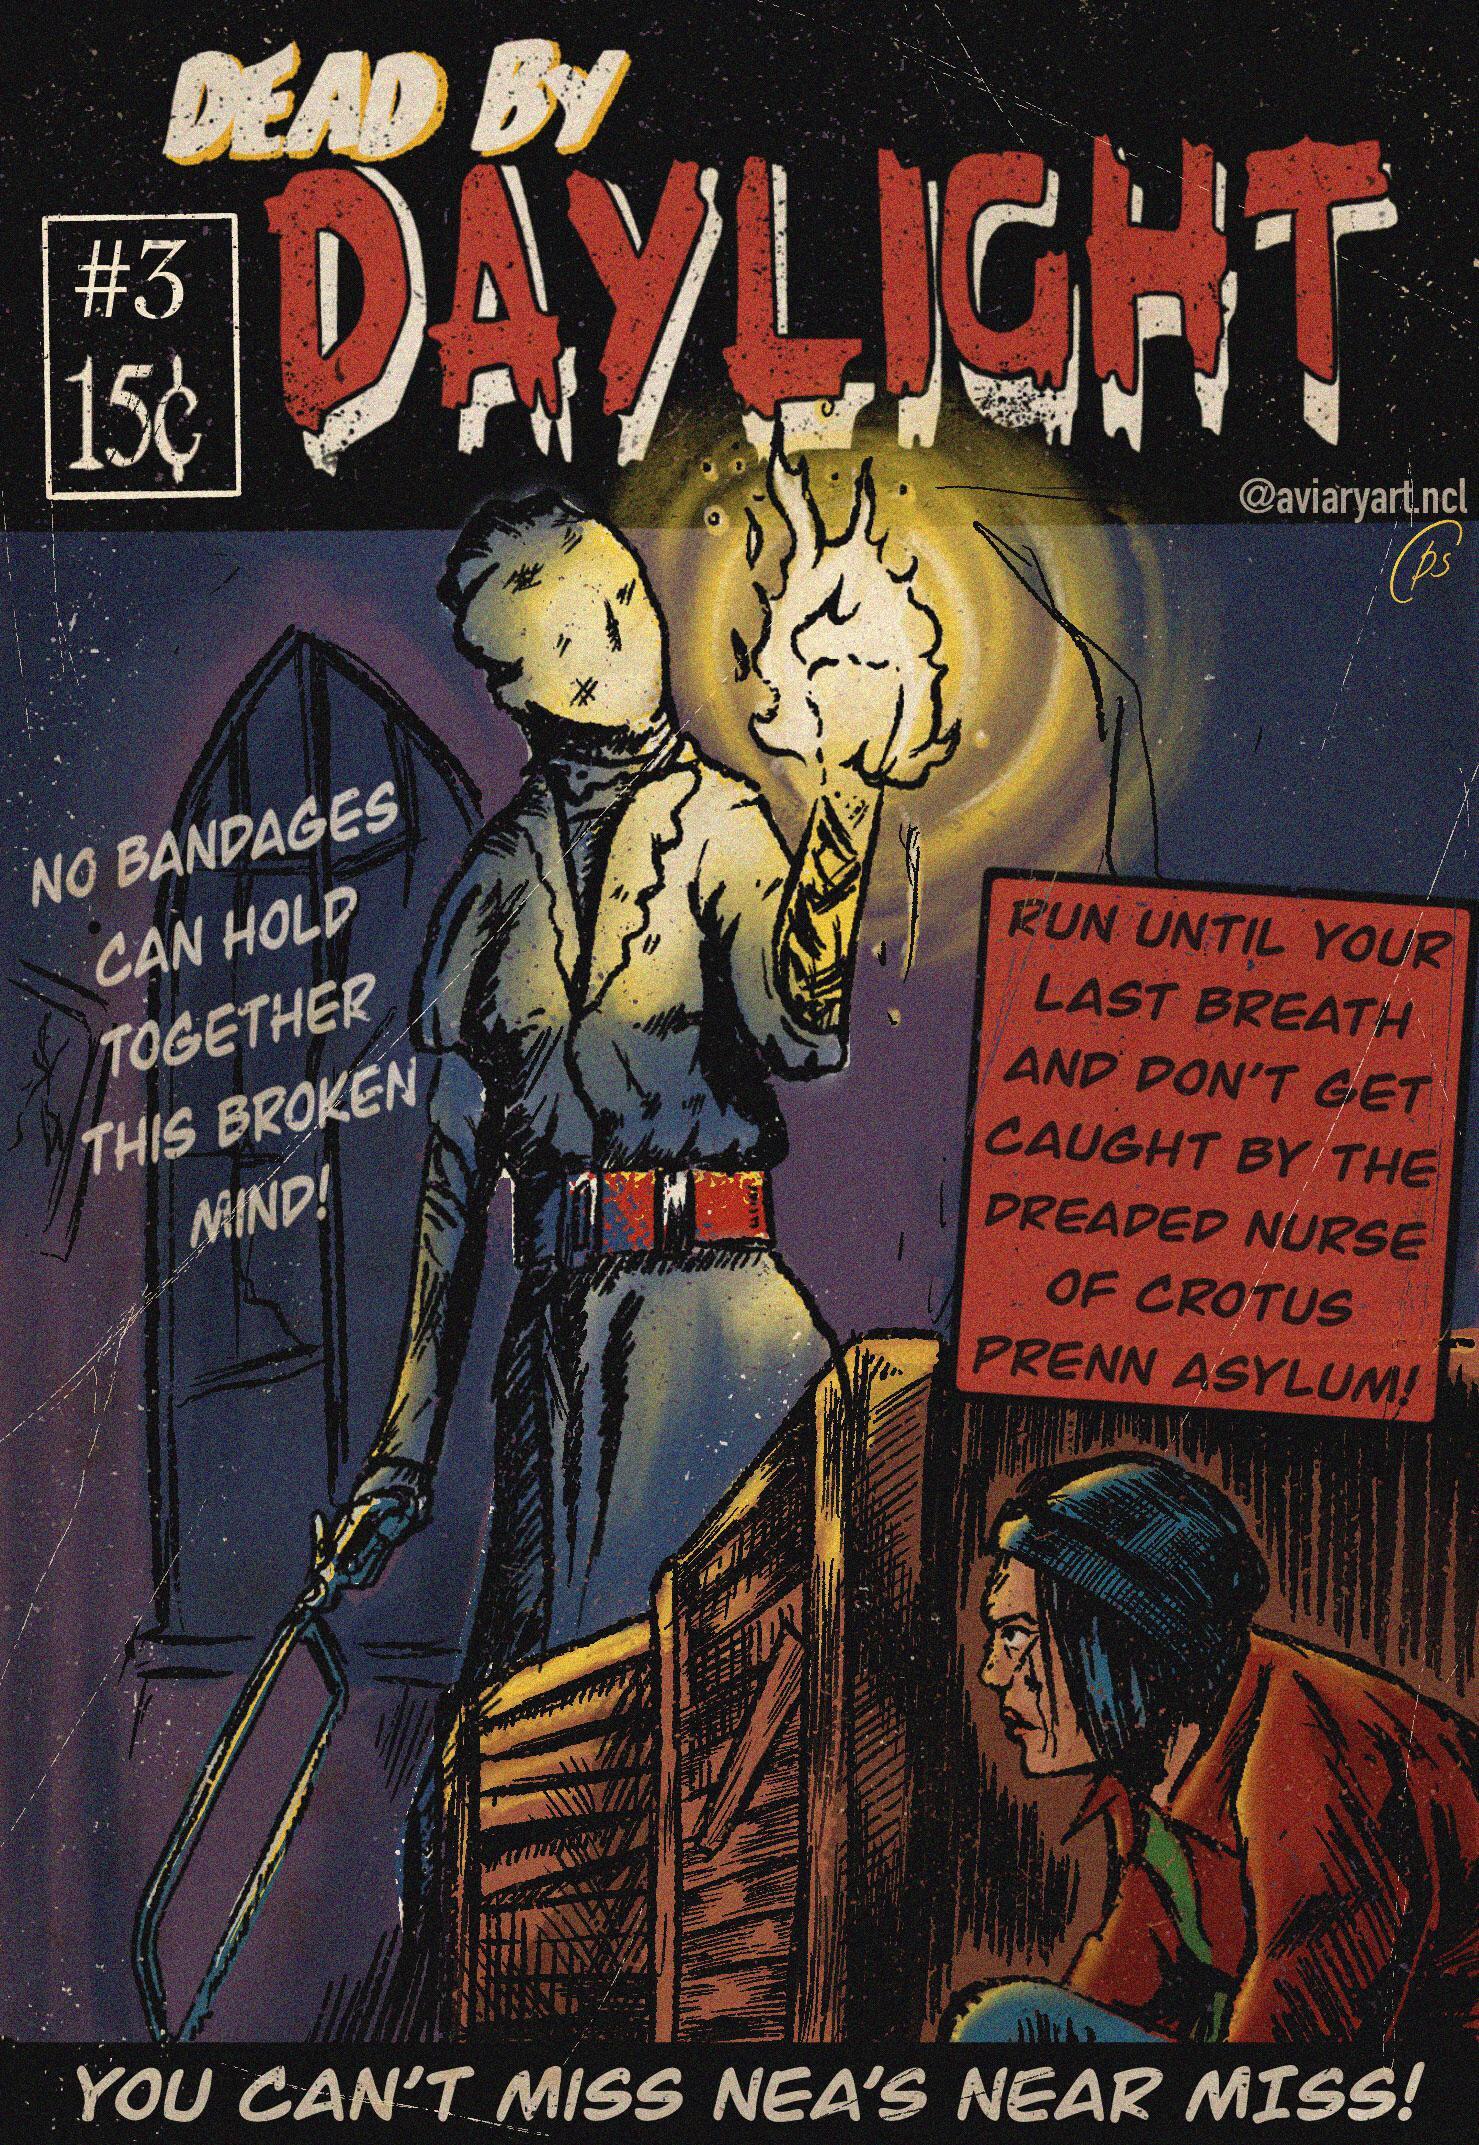 retro comic cover art 3 the nurse